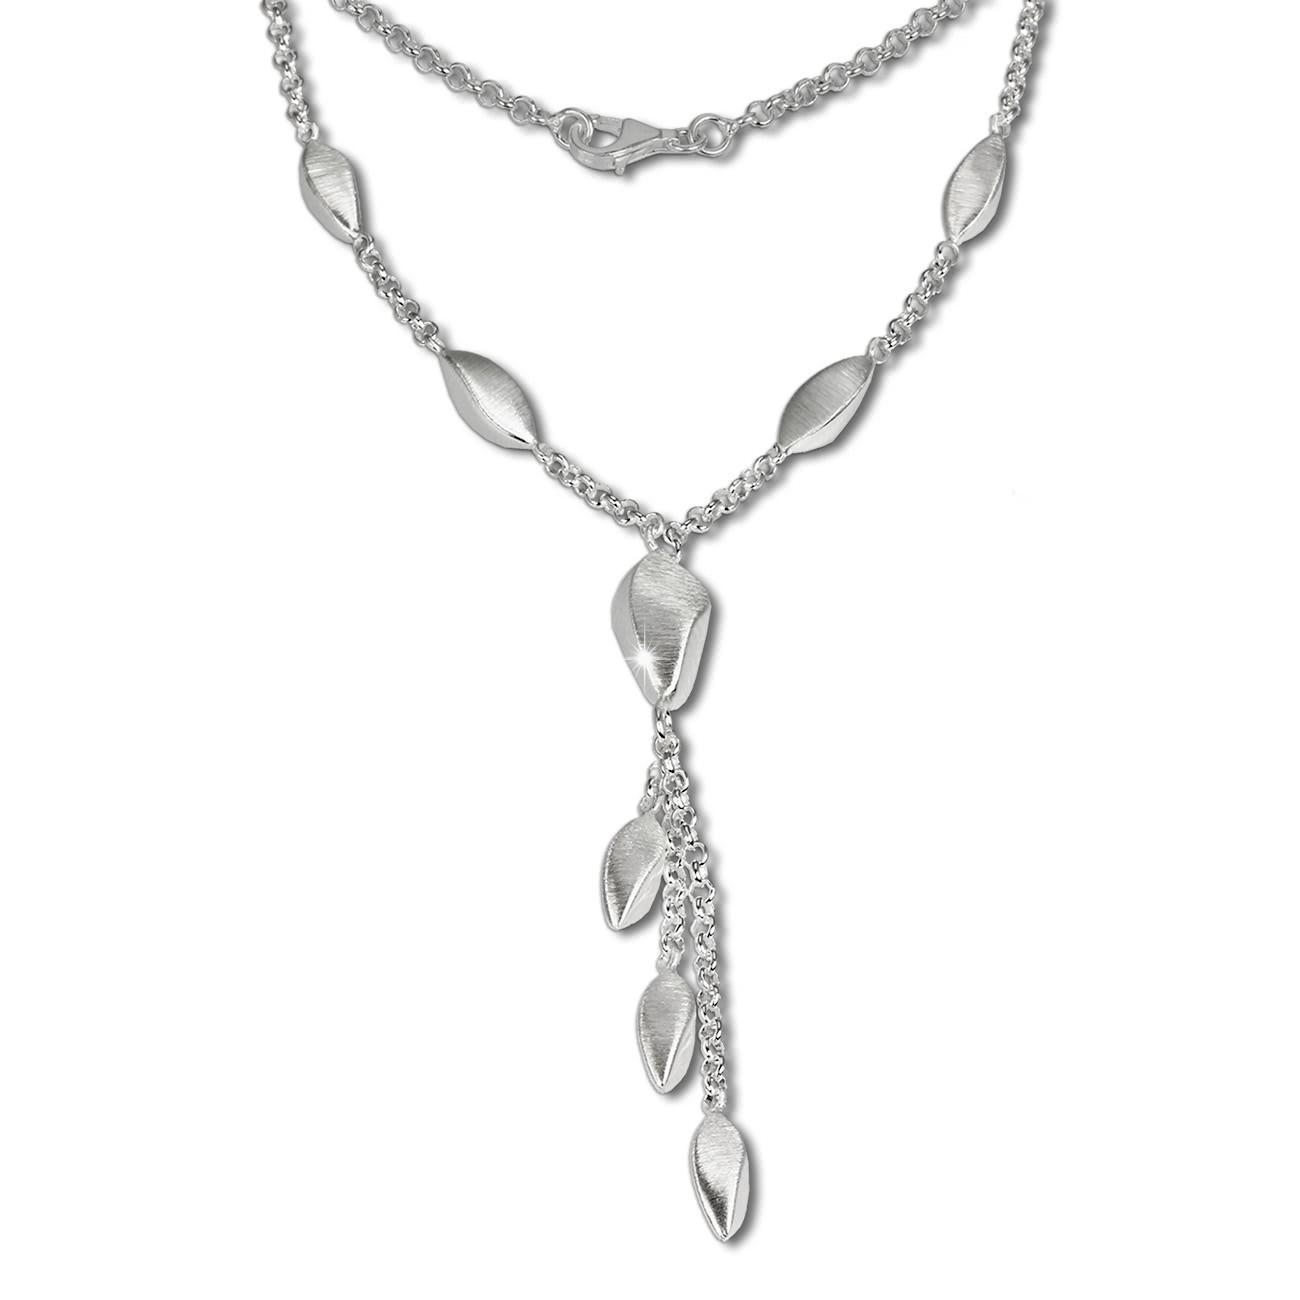 SilberDream Collier Kette Tropfen 925 Silber 44,5cm Halskette SDK414